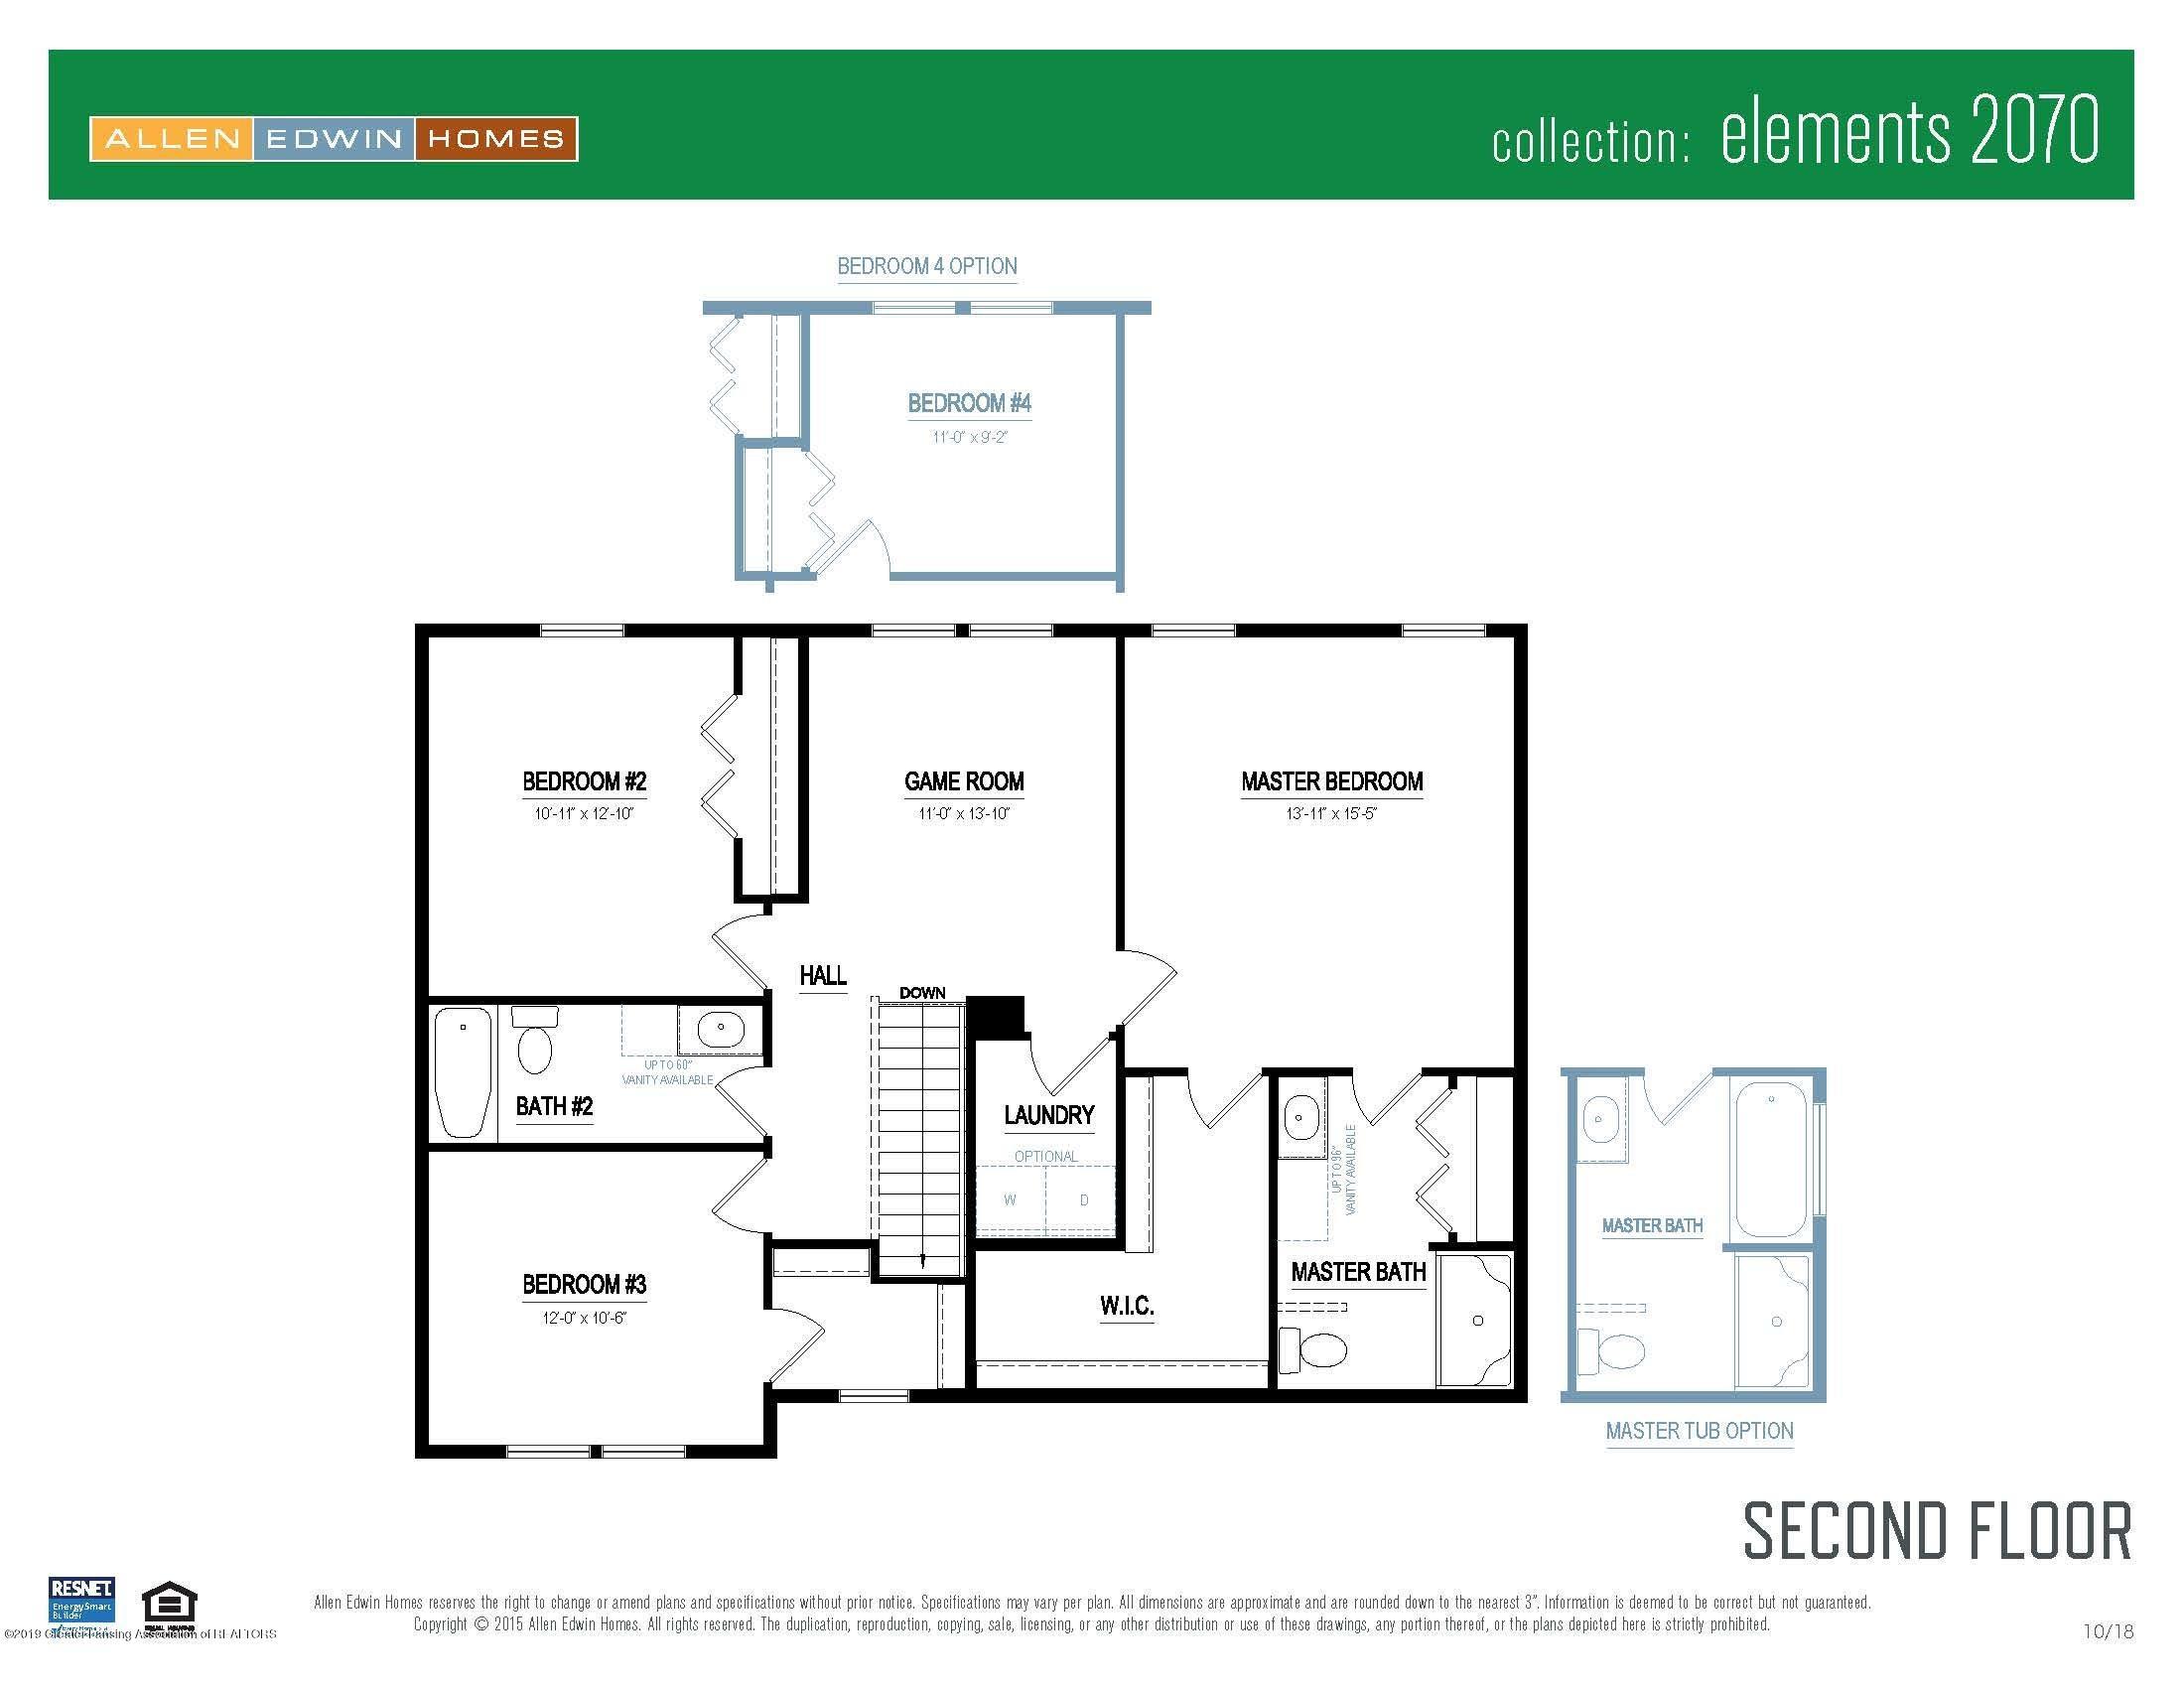 1136 River Oaks Dr - Elements 2070 V8.0a Second Floor - 20